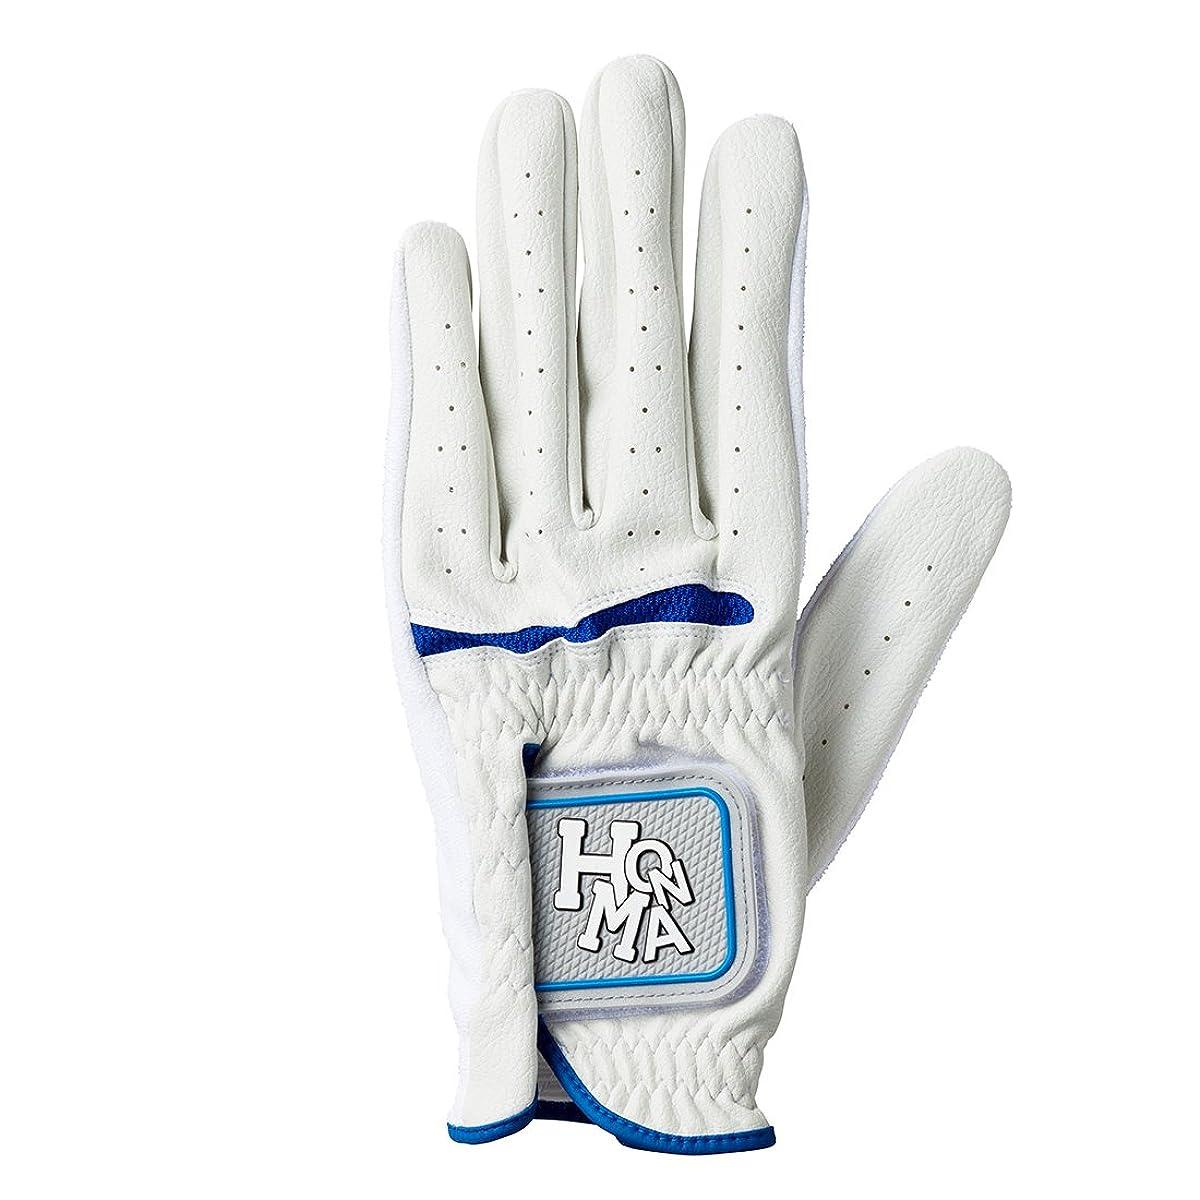 [해외] 혼마 골프 골프 글러브 HONMA GF-1704 맨즈 화이트/블루 23